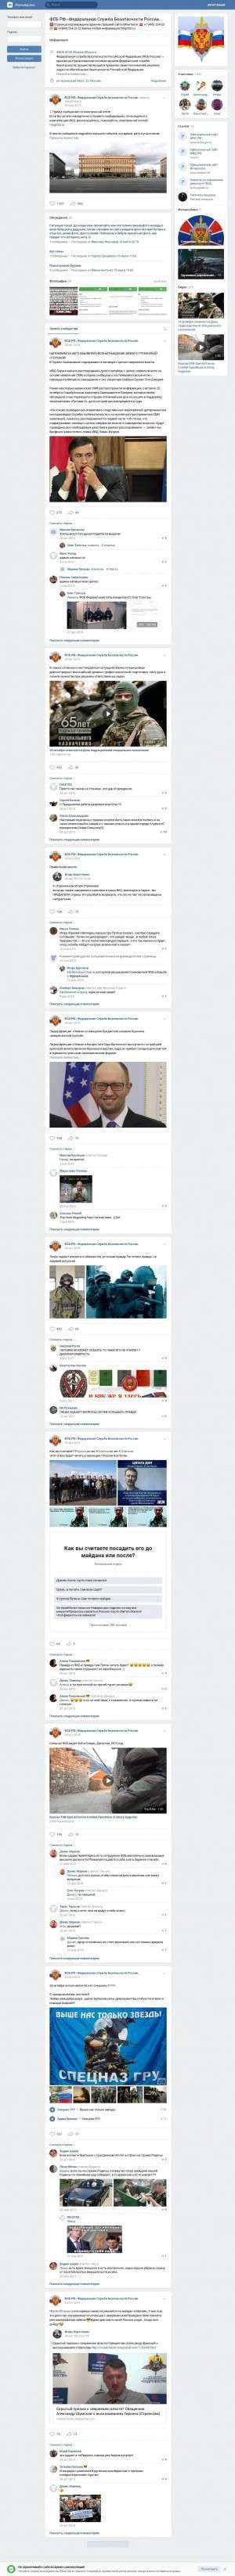 Предпросмотр для vk.com — Управление ФСБ России по Краснодарскому краю в городе Сочи